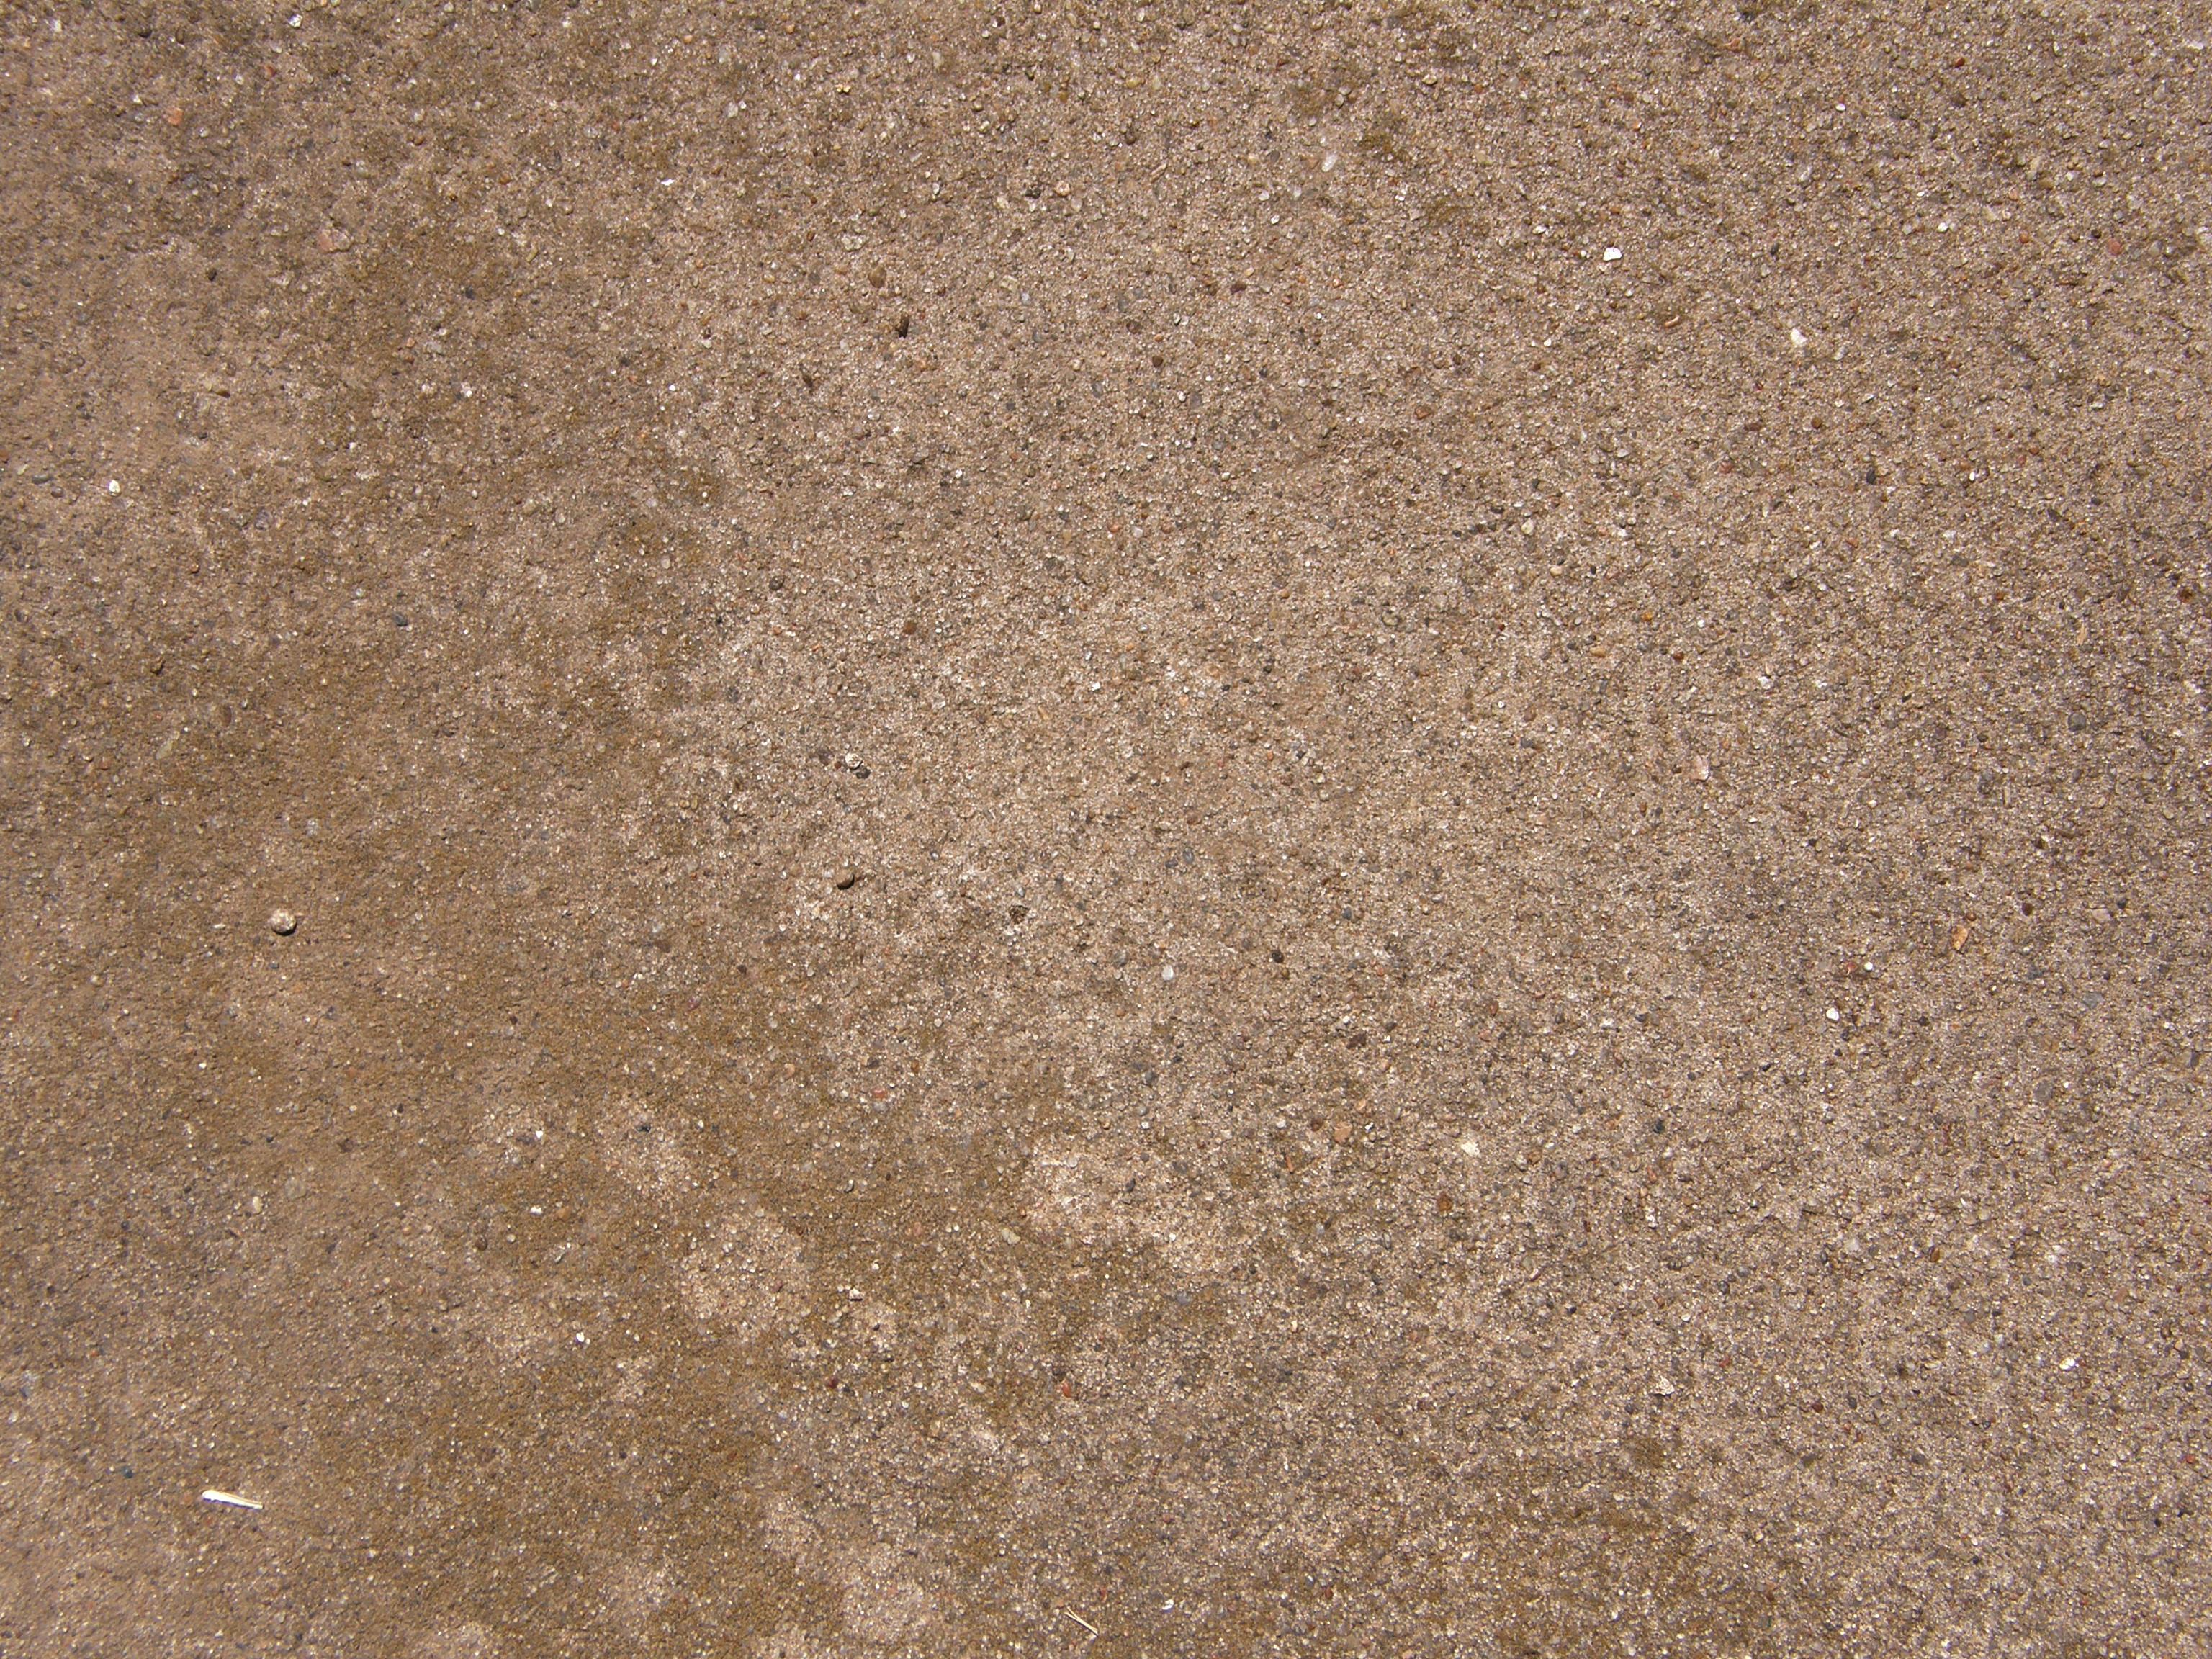 Brown Textured Concrete : Free brown concrete textures texture l t